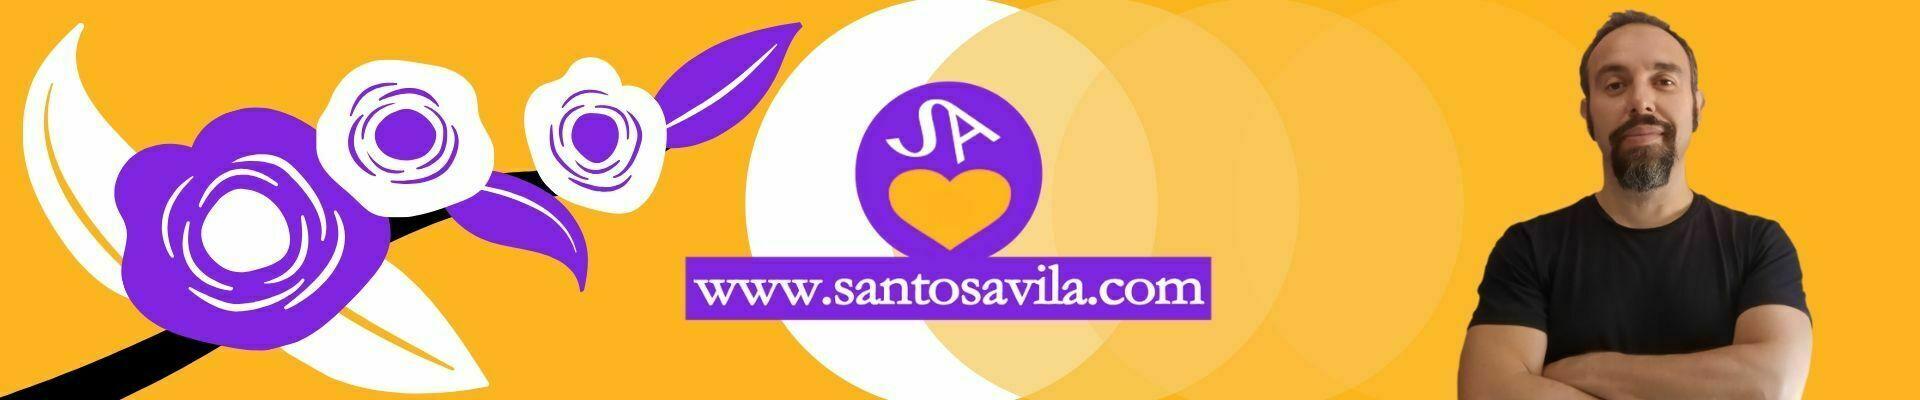 Santosavila.com